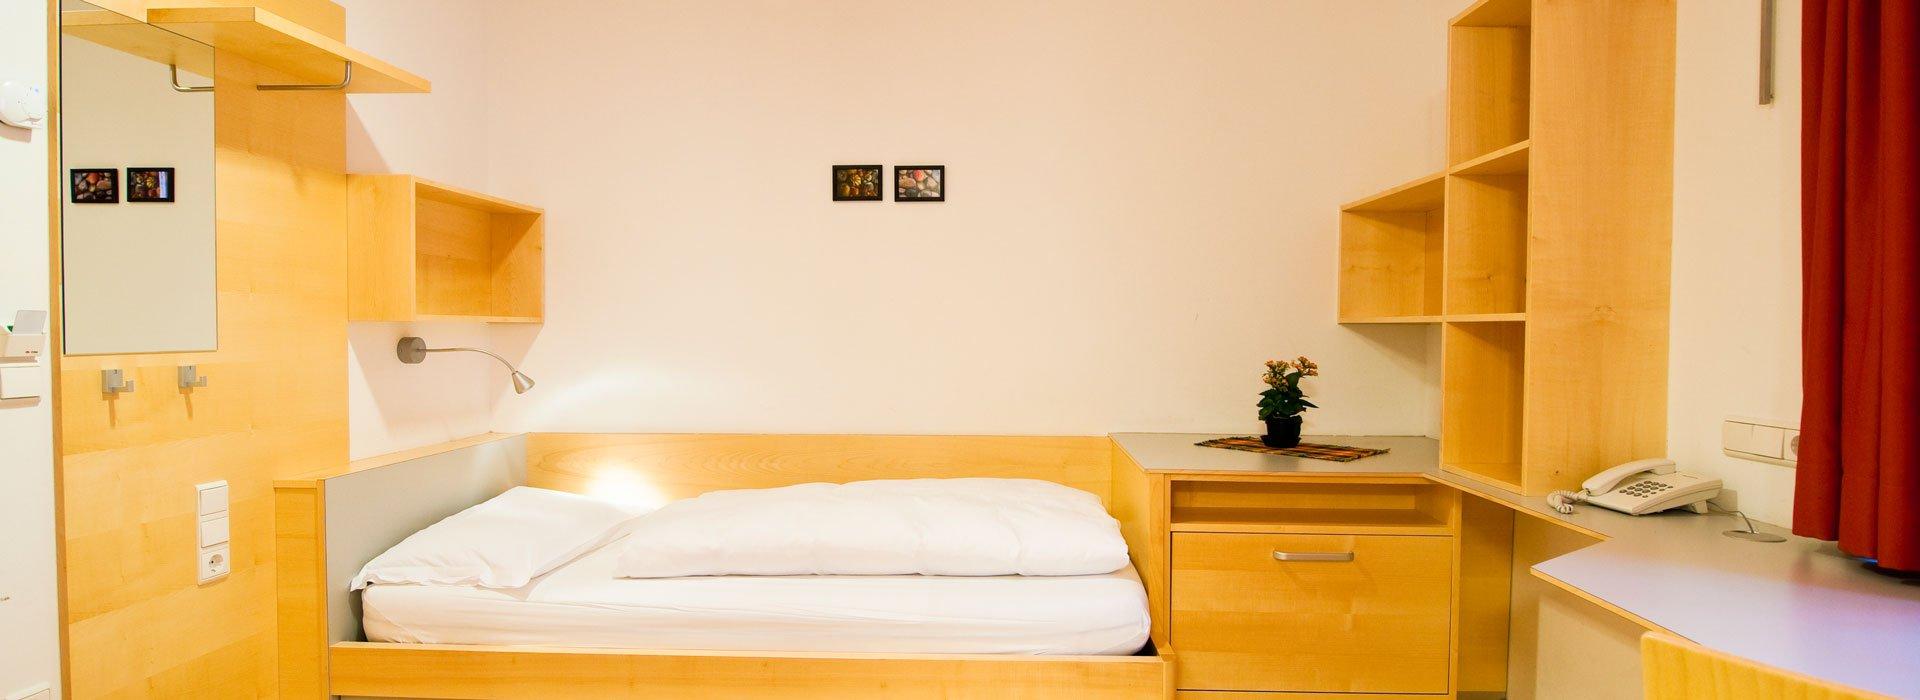 hotel-bozen-kolpinghaus-2